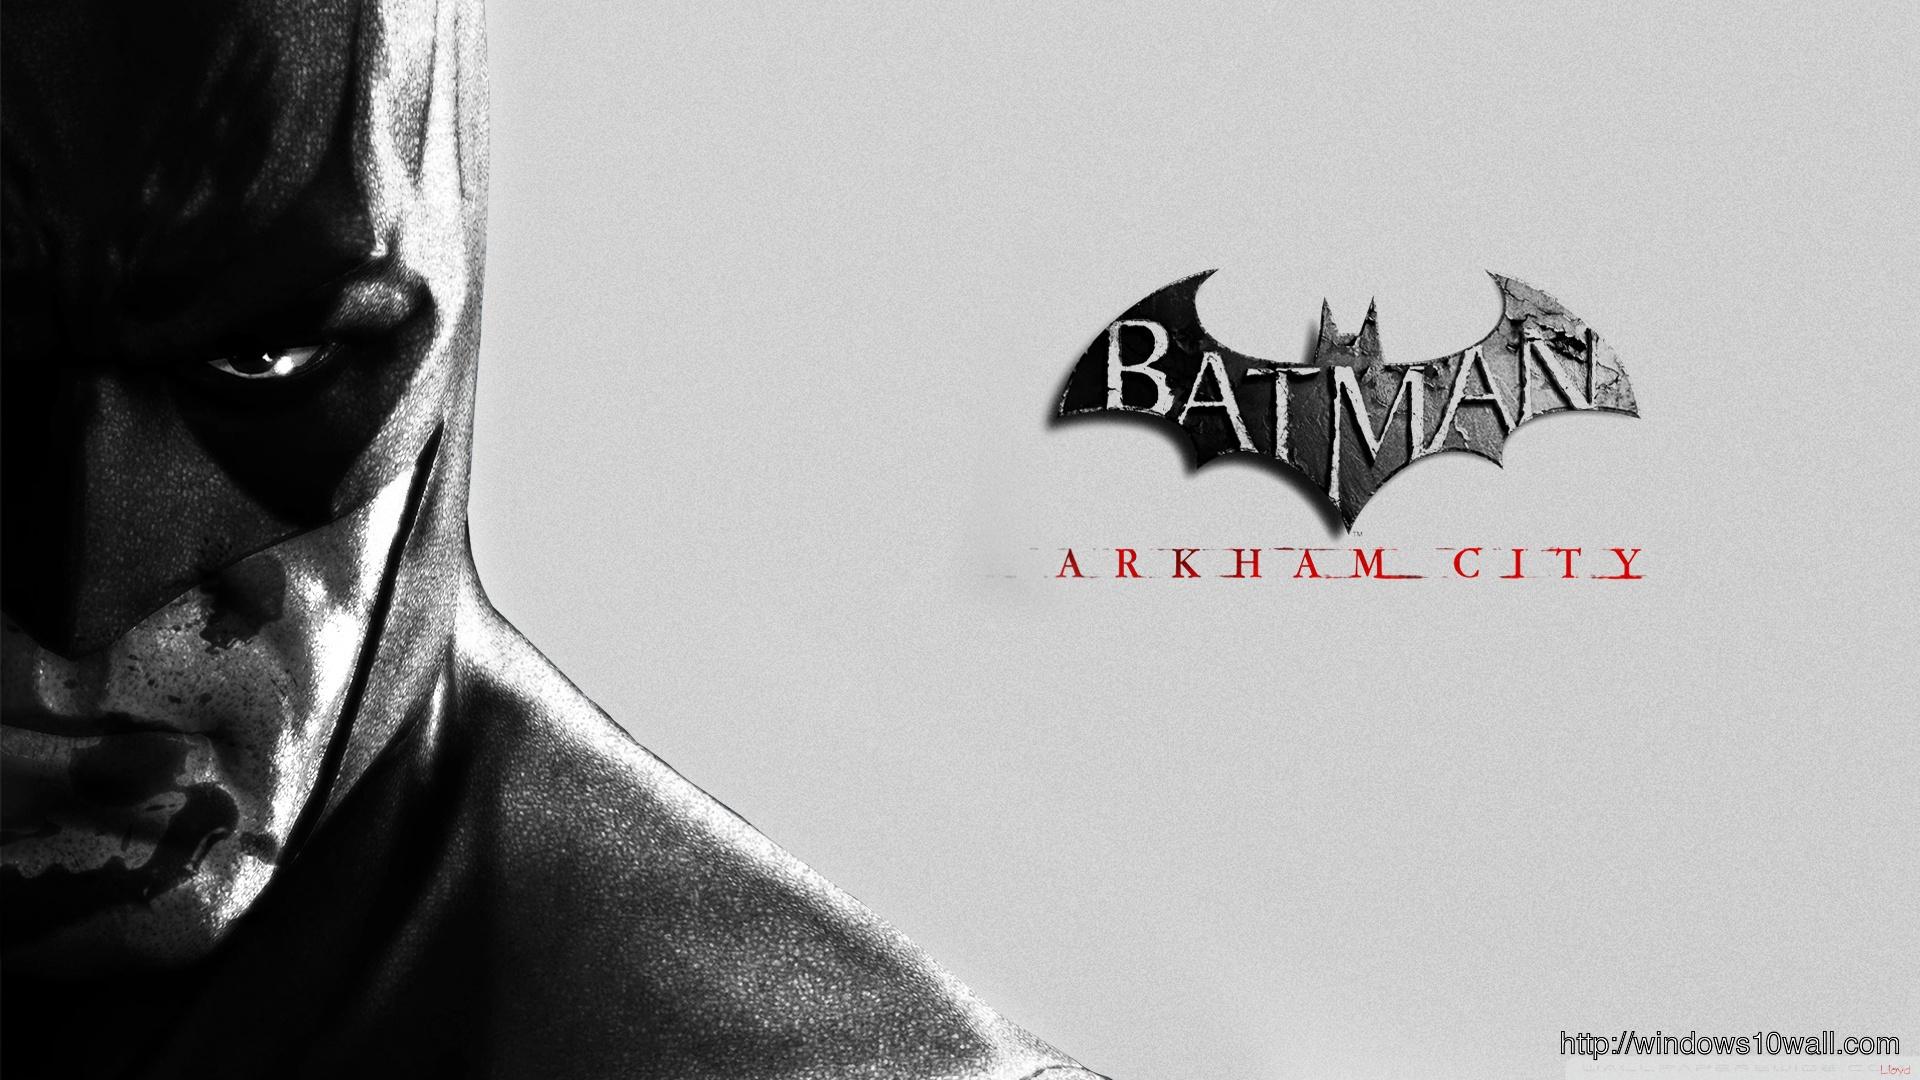 batman-arkham-city-hd-Wallpaper